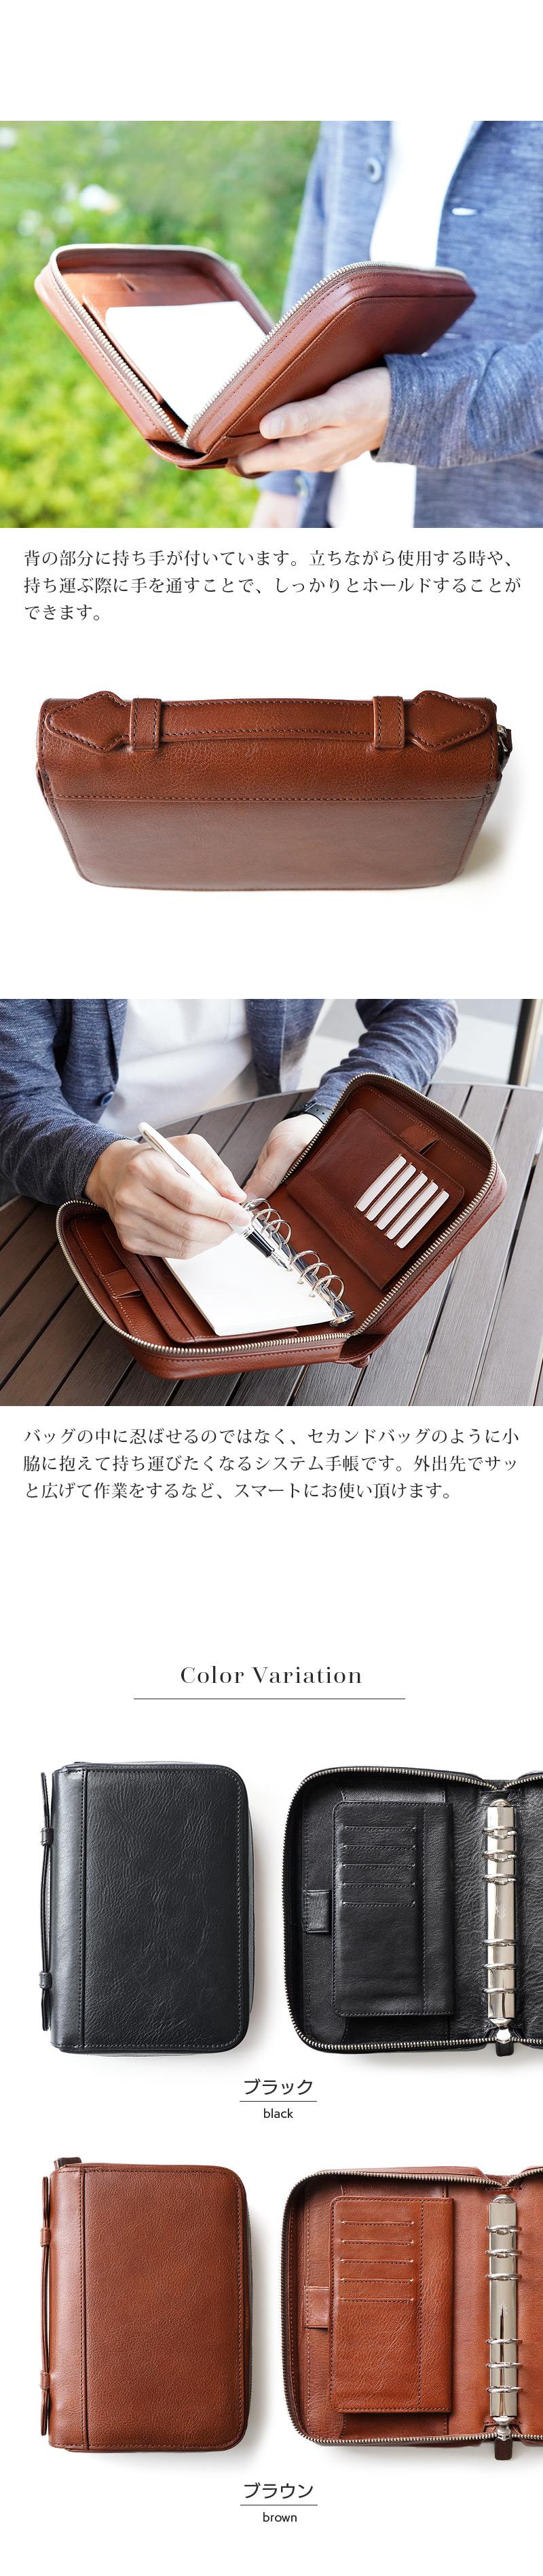 バッグの中に忍ばせるのではなく、セカンドバッグのように小脇に抱えて持ち運びたくなるシステム手帳です。外出先でサッと広げて作業をするなど、スマートにお使い頂けます。